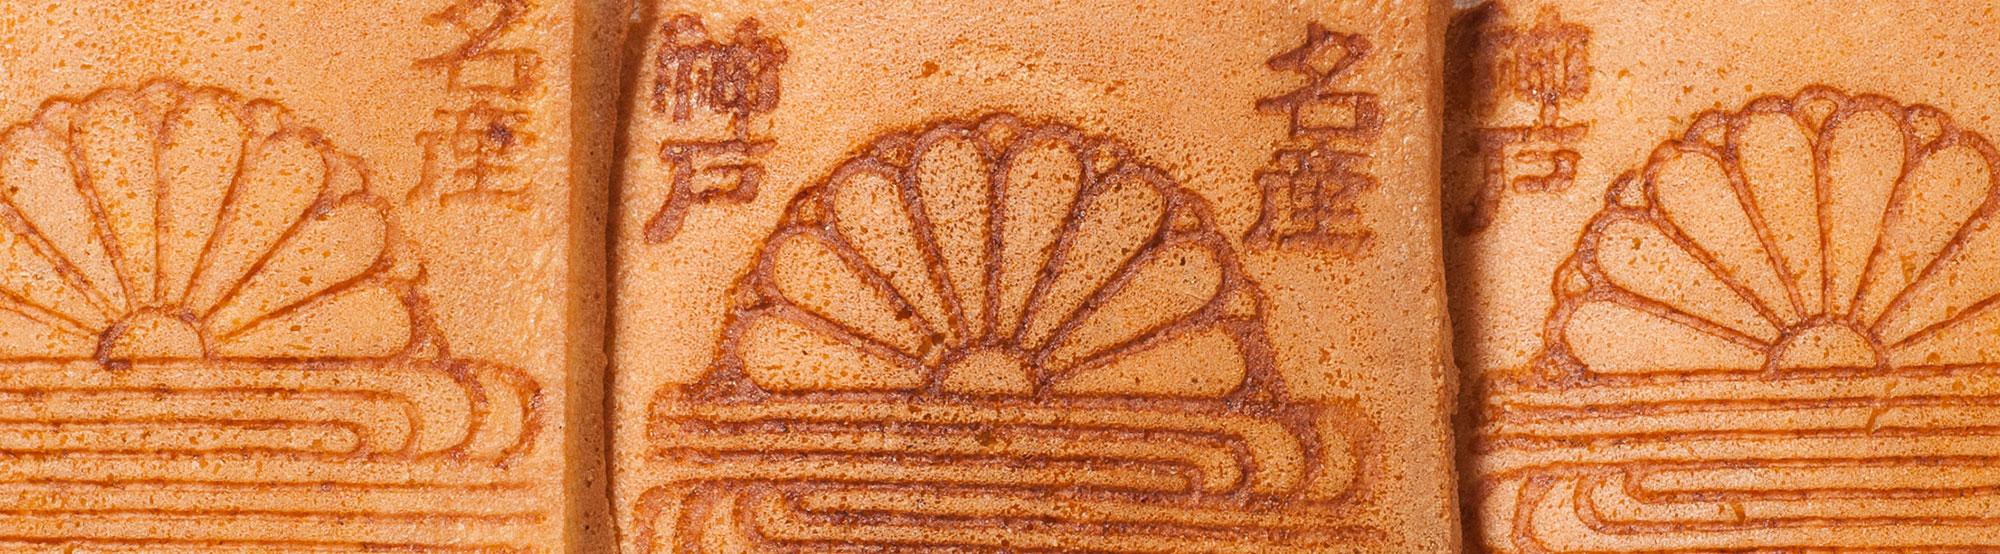 神戸煎餅協会